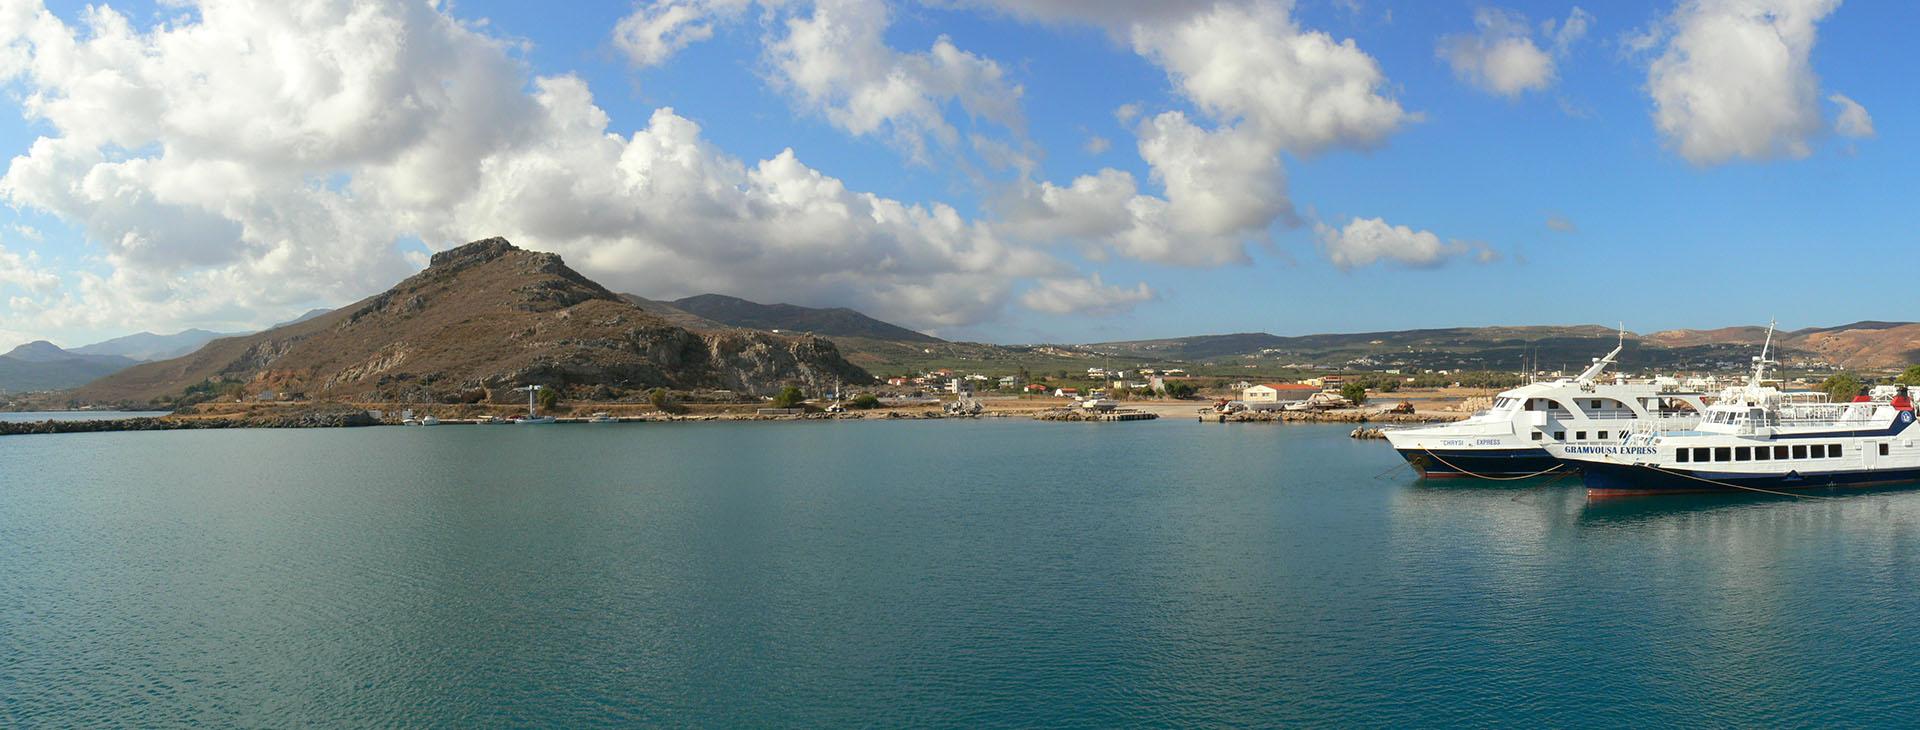 Kissamos port, Chania